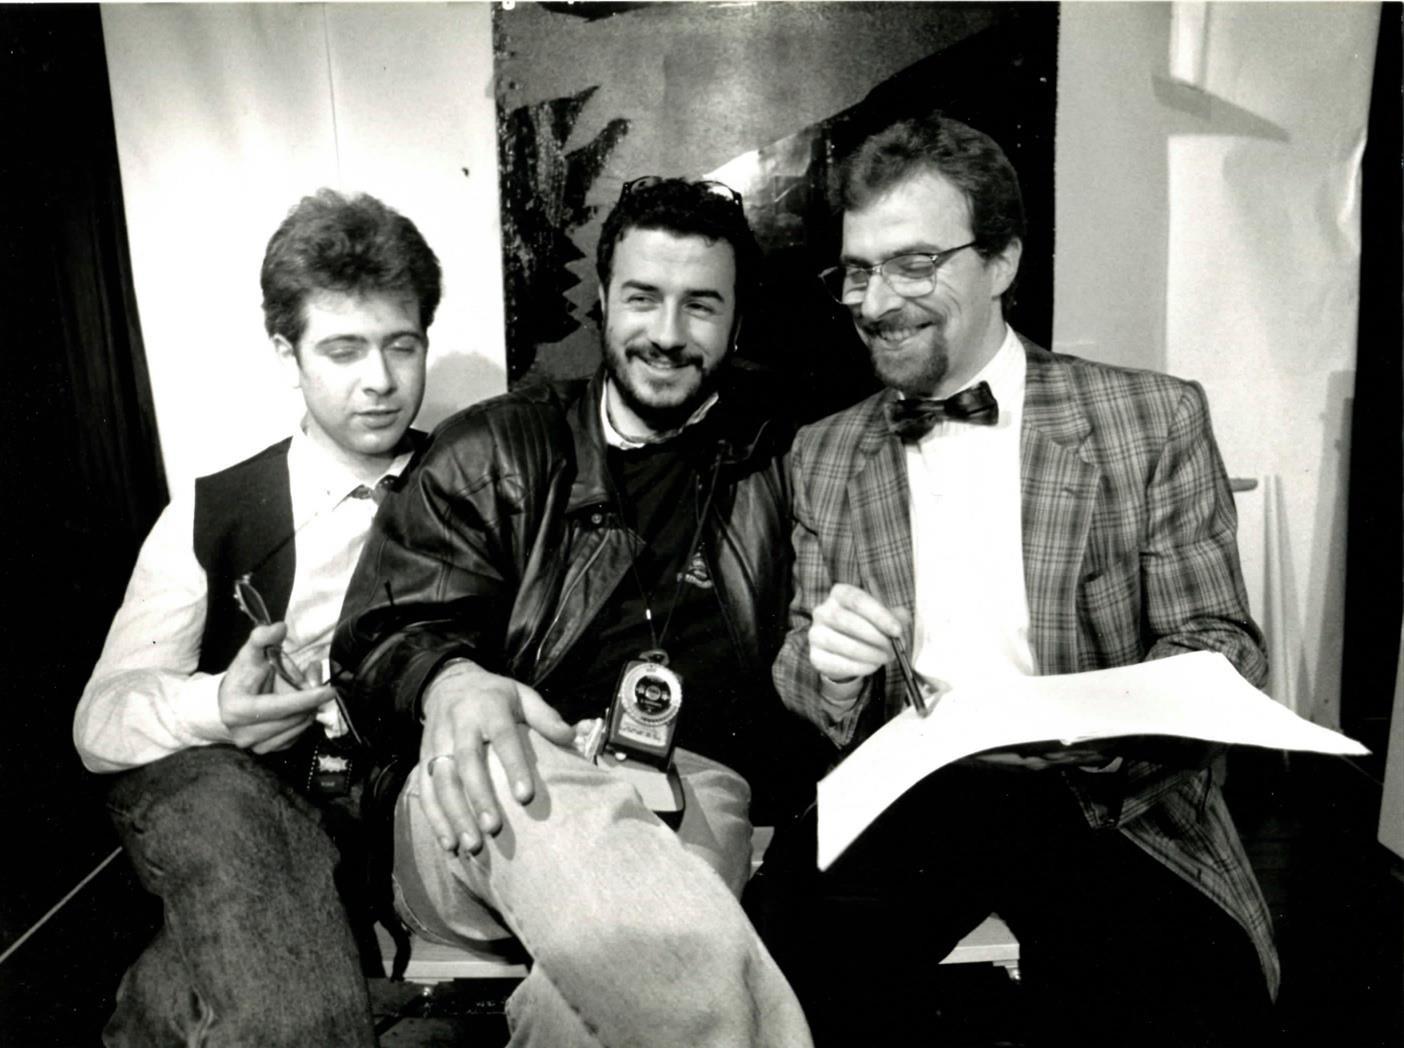 Maggio 1990, al Teatro Intrastevere con Mimmo La Rana e Marcello Berengo Gardin